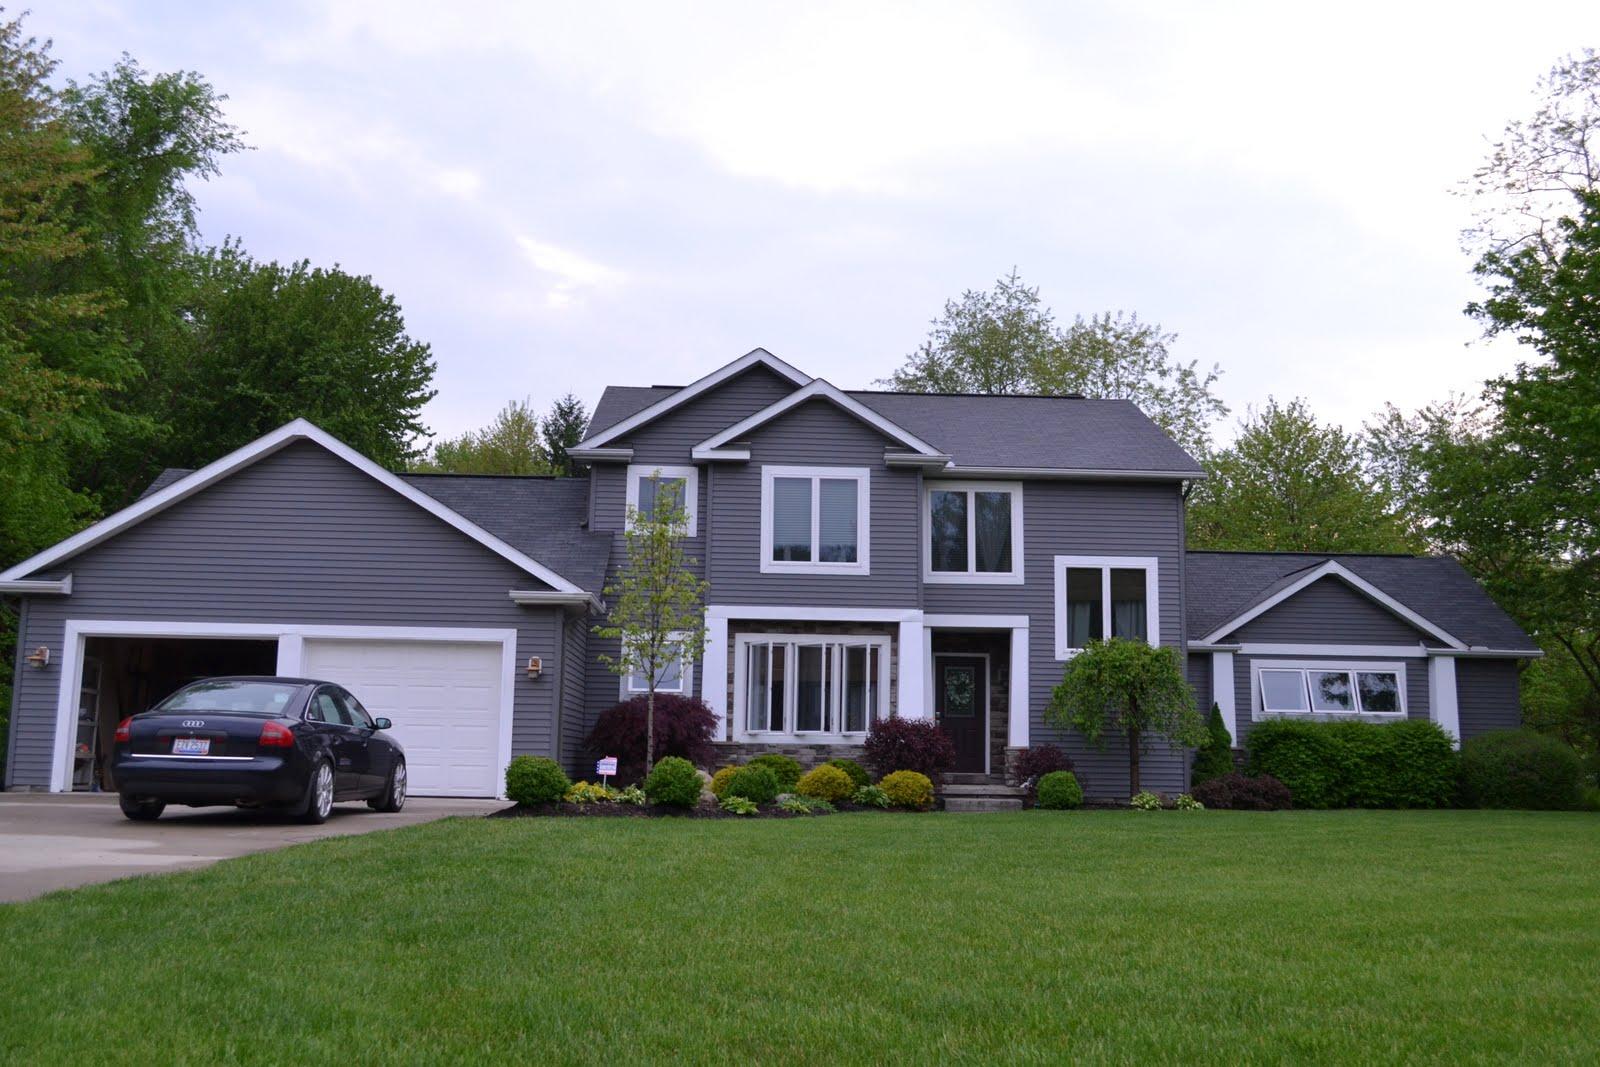 De jong dream house exterior - White house with grey trim ...